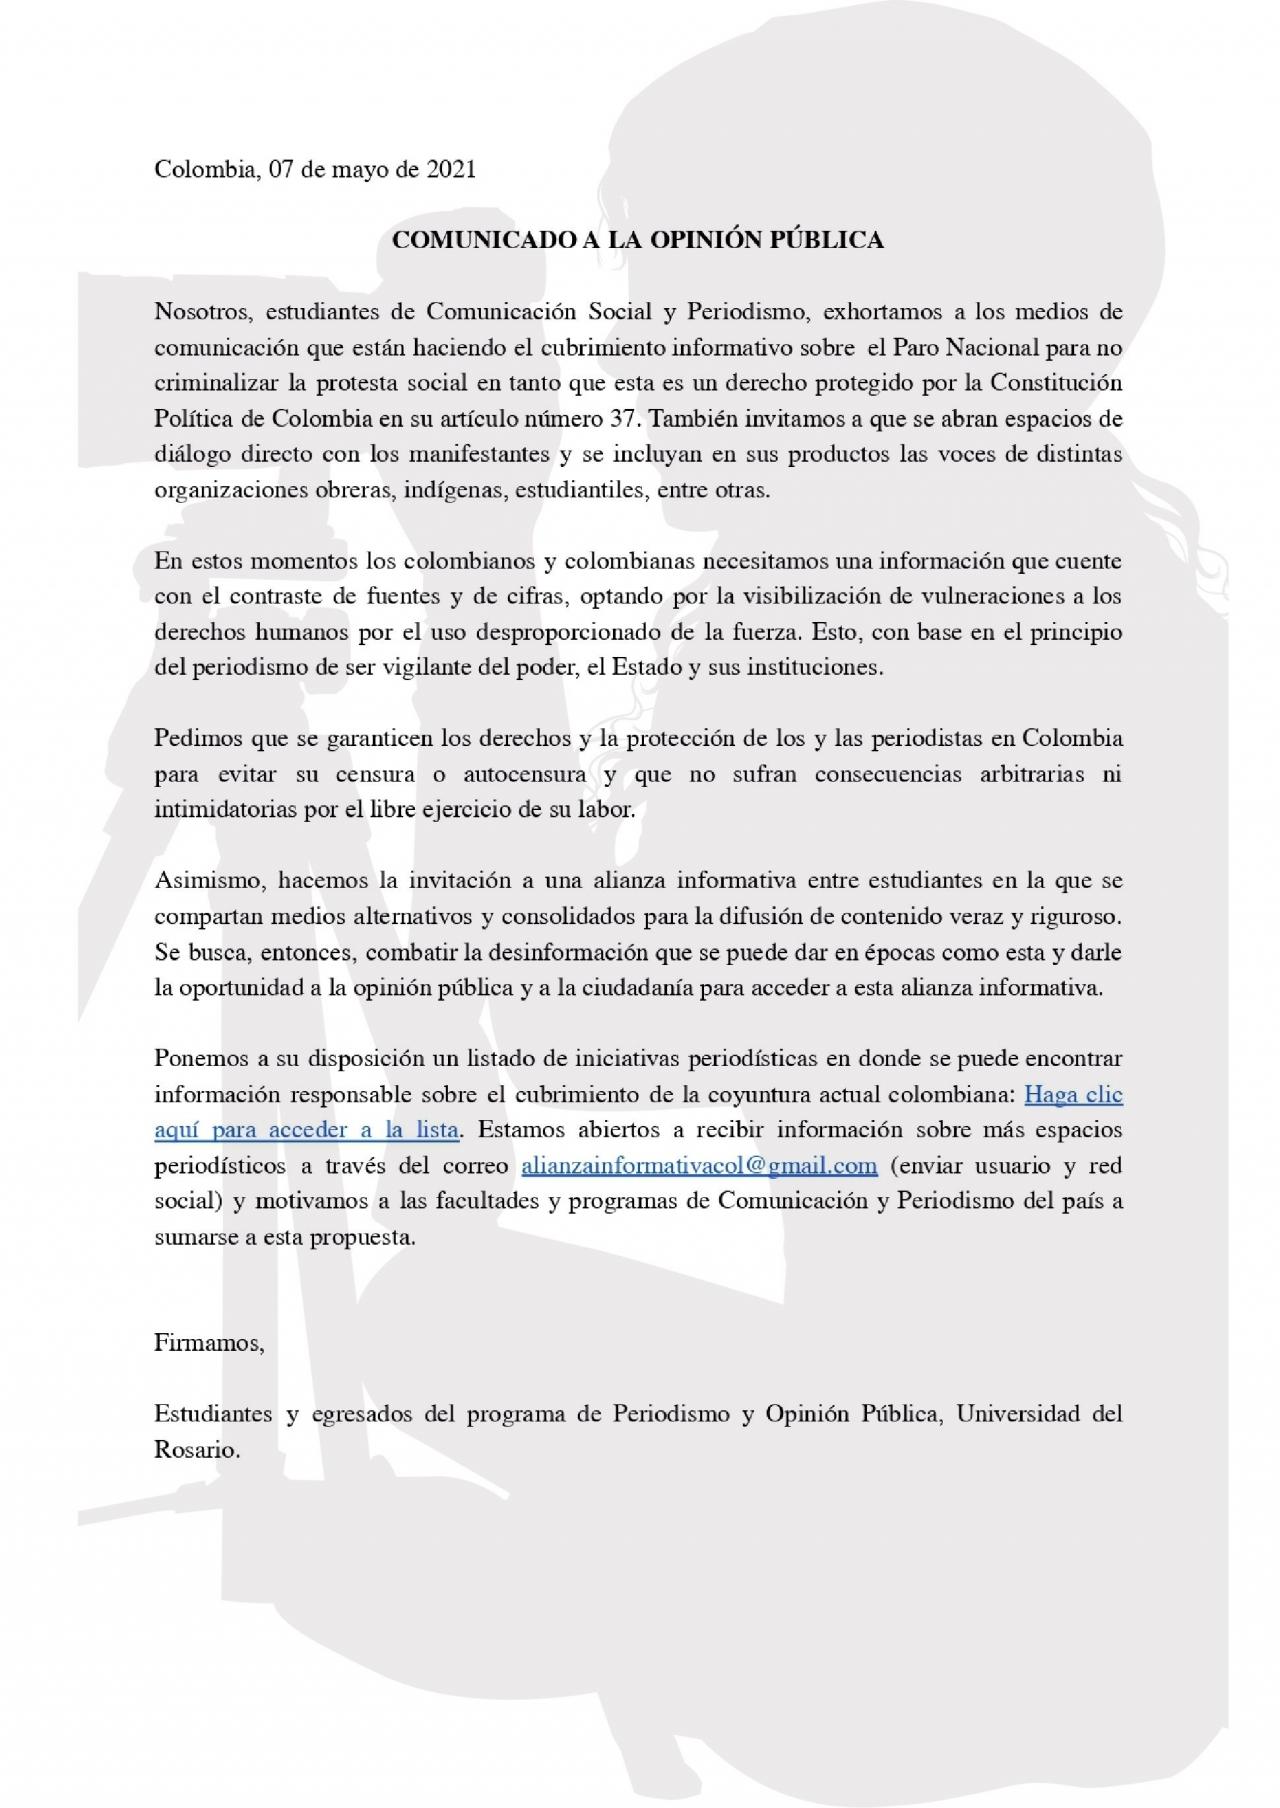 Comunicado a la opinión pública de estudiantes y egresados de Periodismo de la Universidad del Rosario